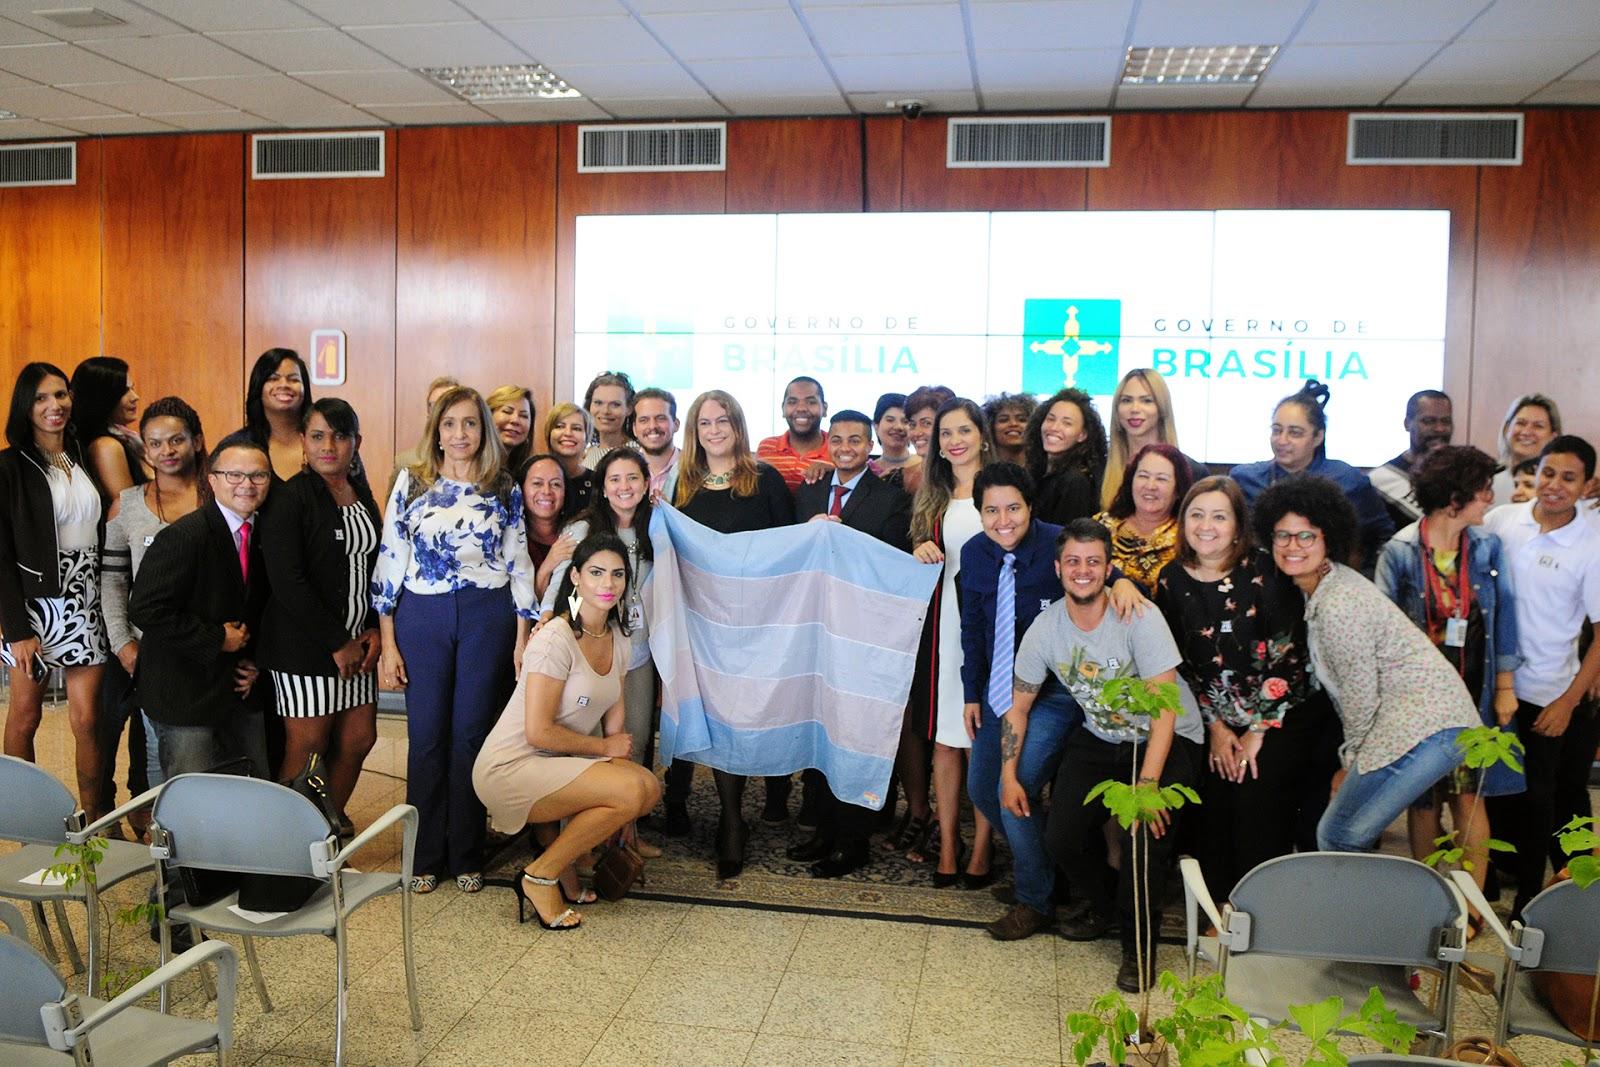 Governo de Brasília faz homenagem para militantes travestis e transexuais